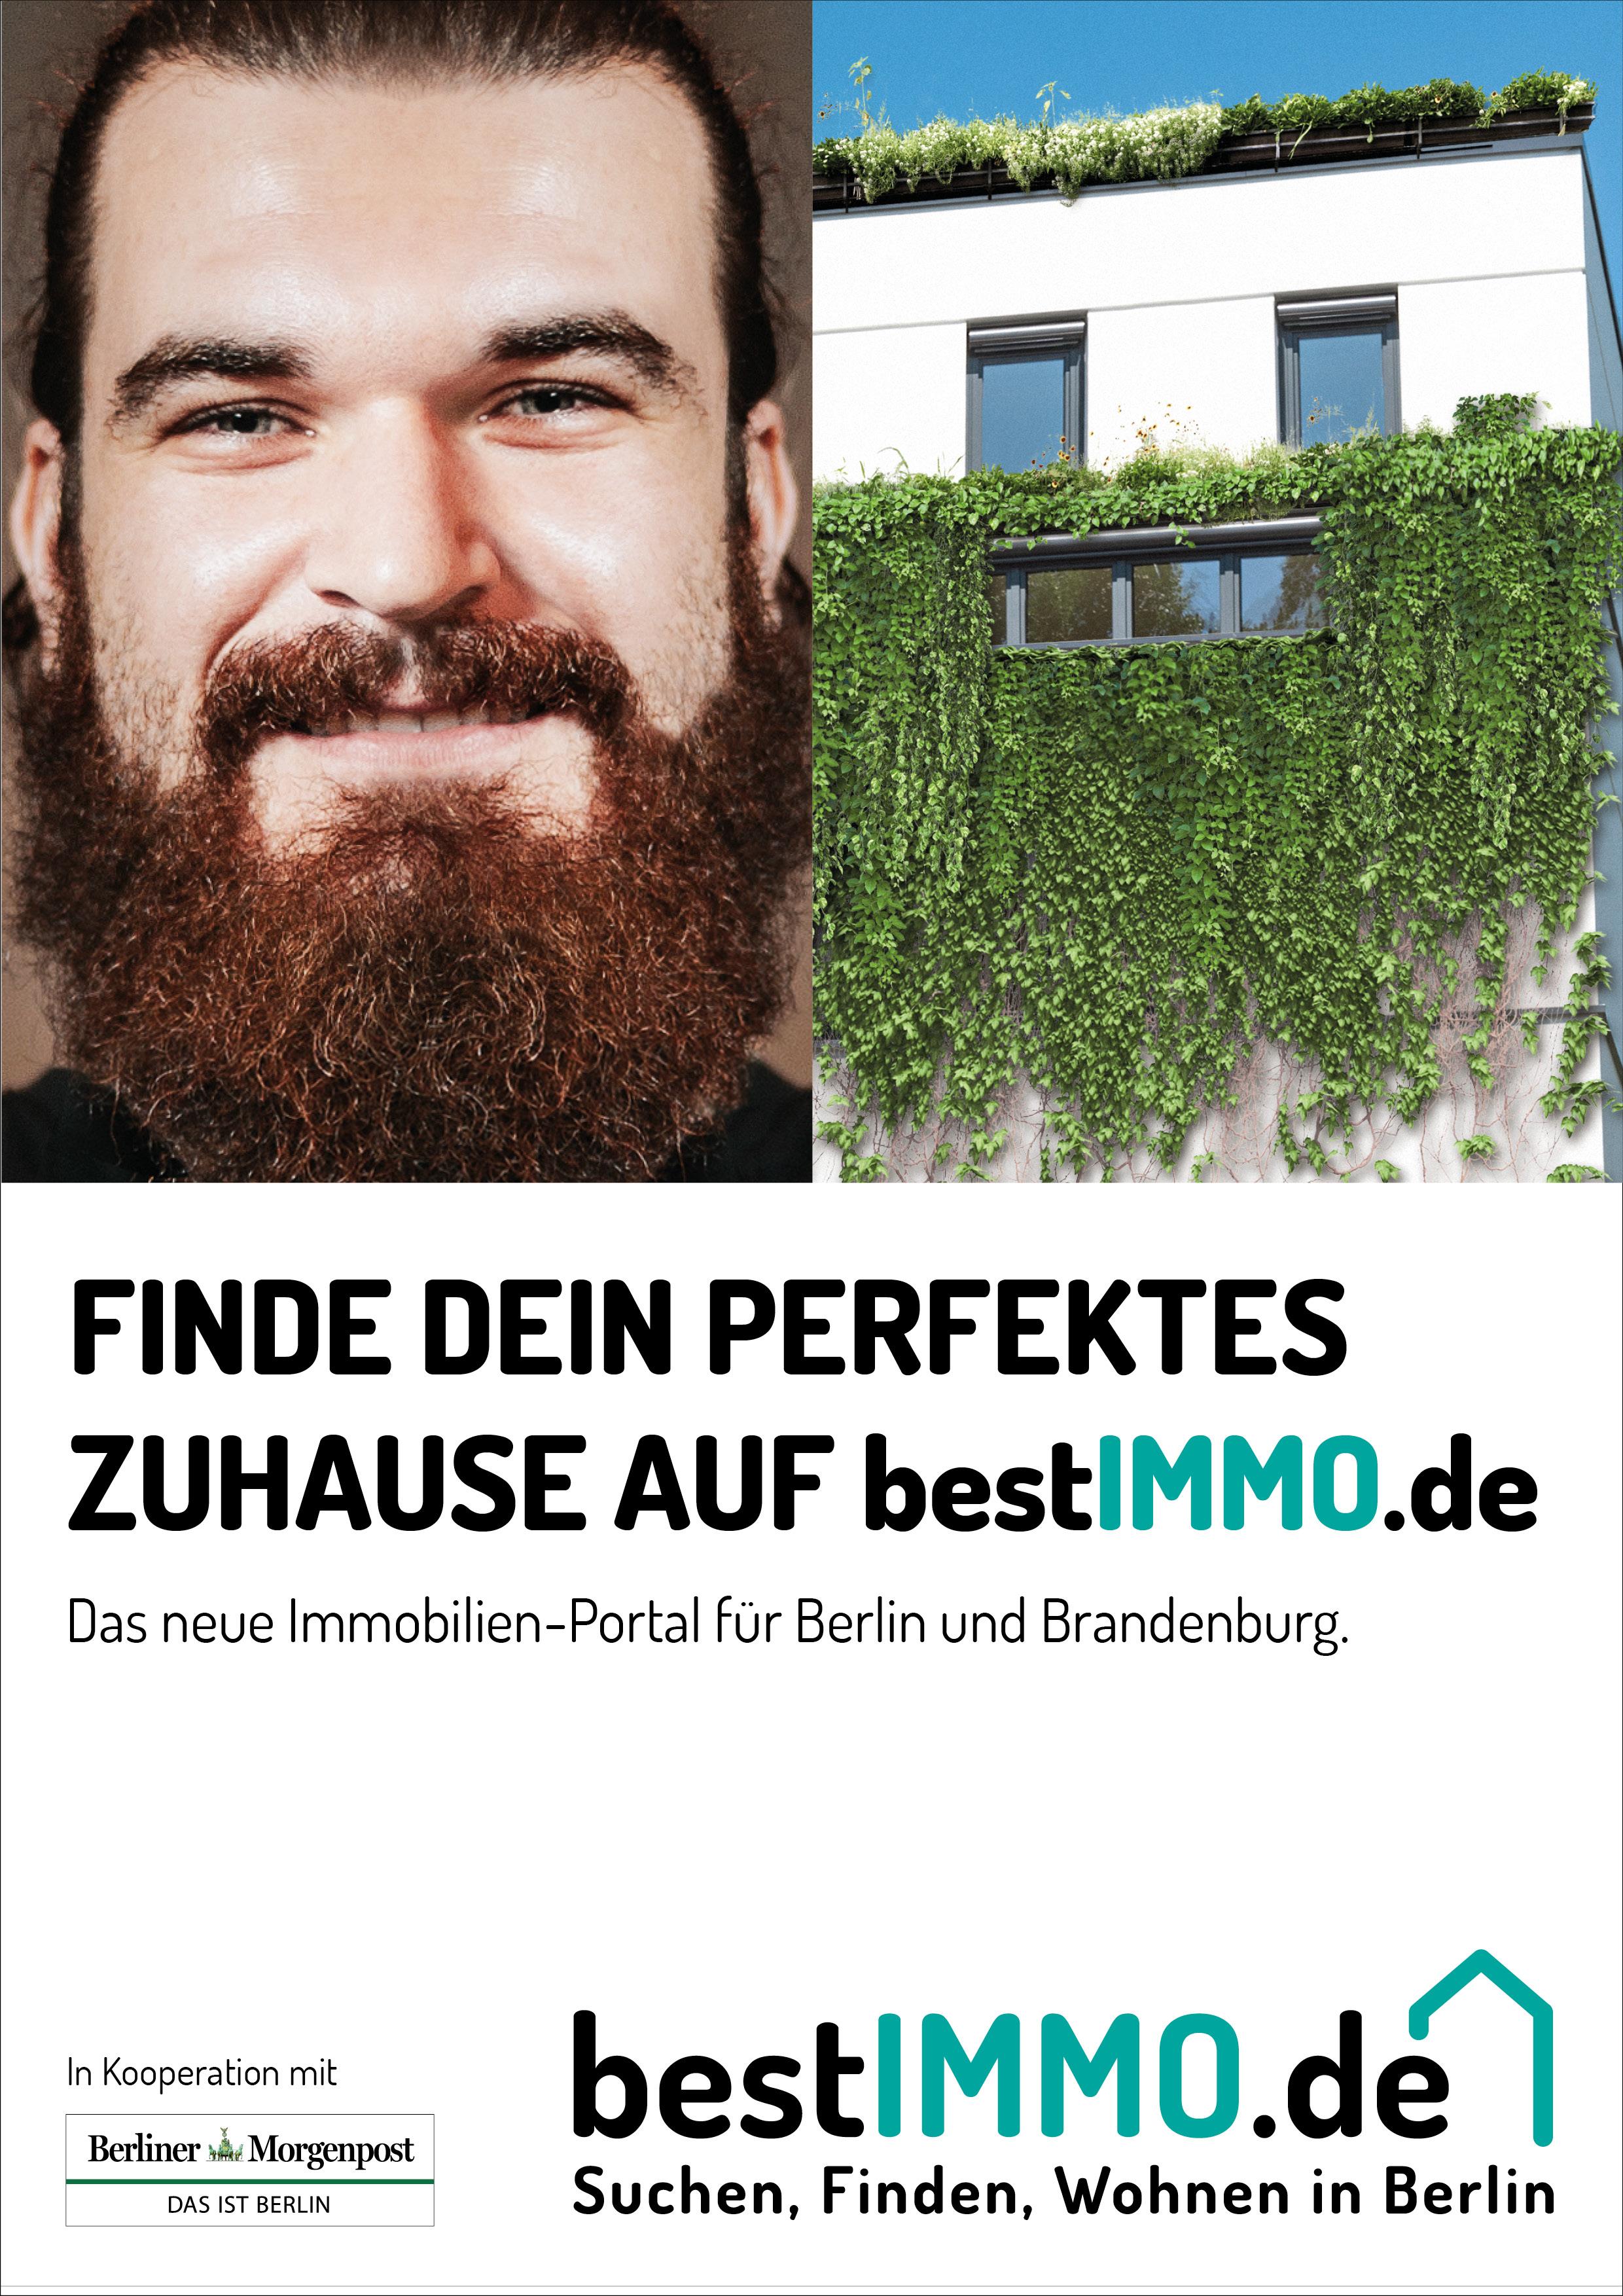 Funke Startet Immobilien Portal Für Berlin Und Brandenburg